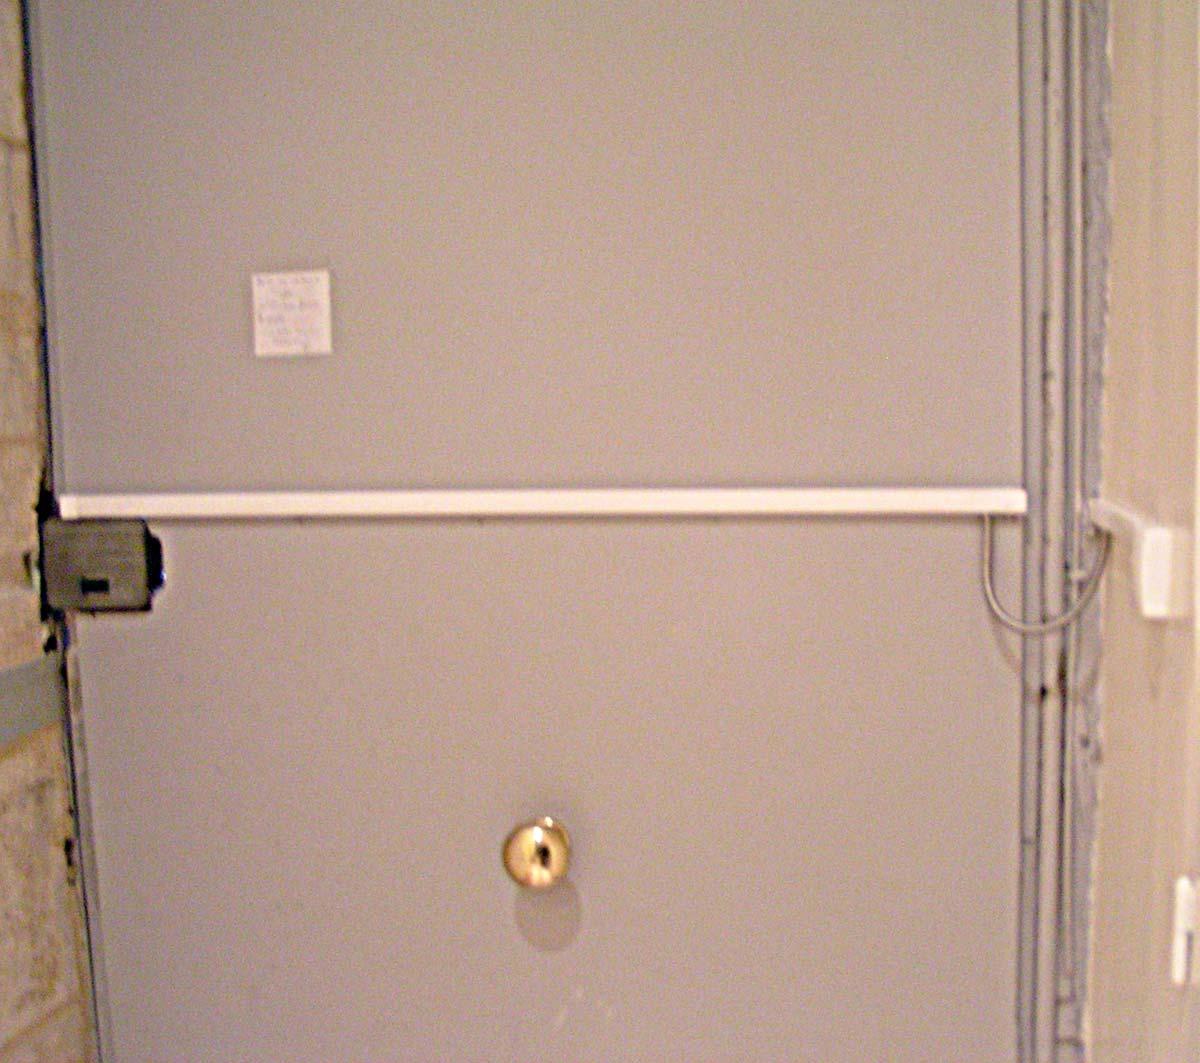 Dimelec mise aux normes gâche électrique sur porte